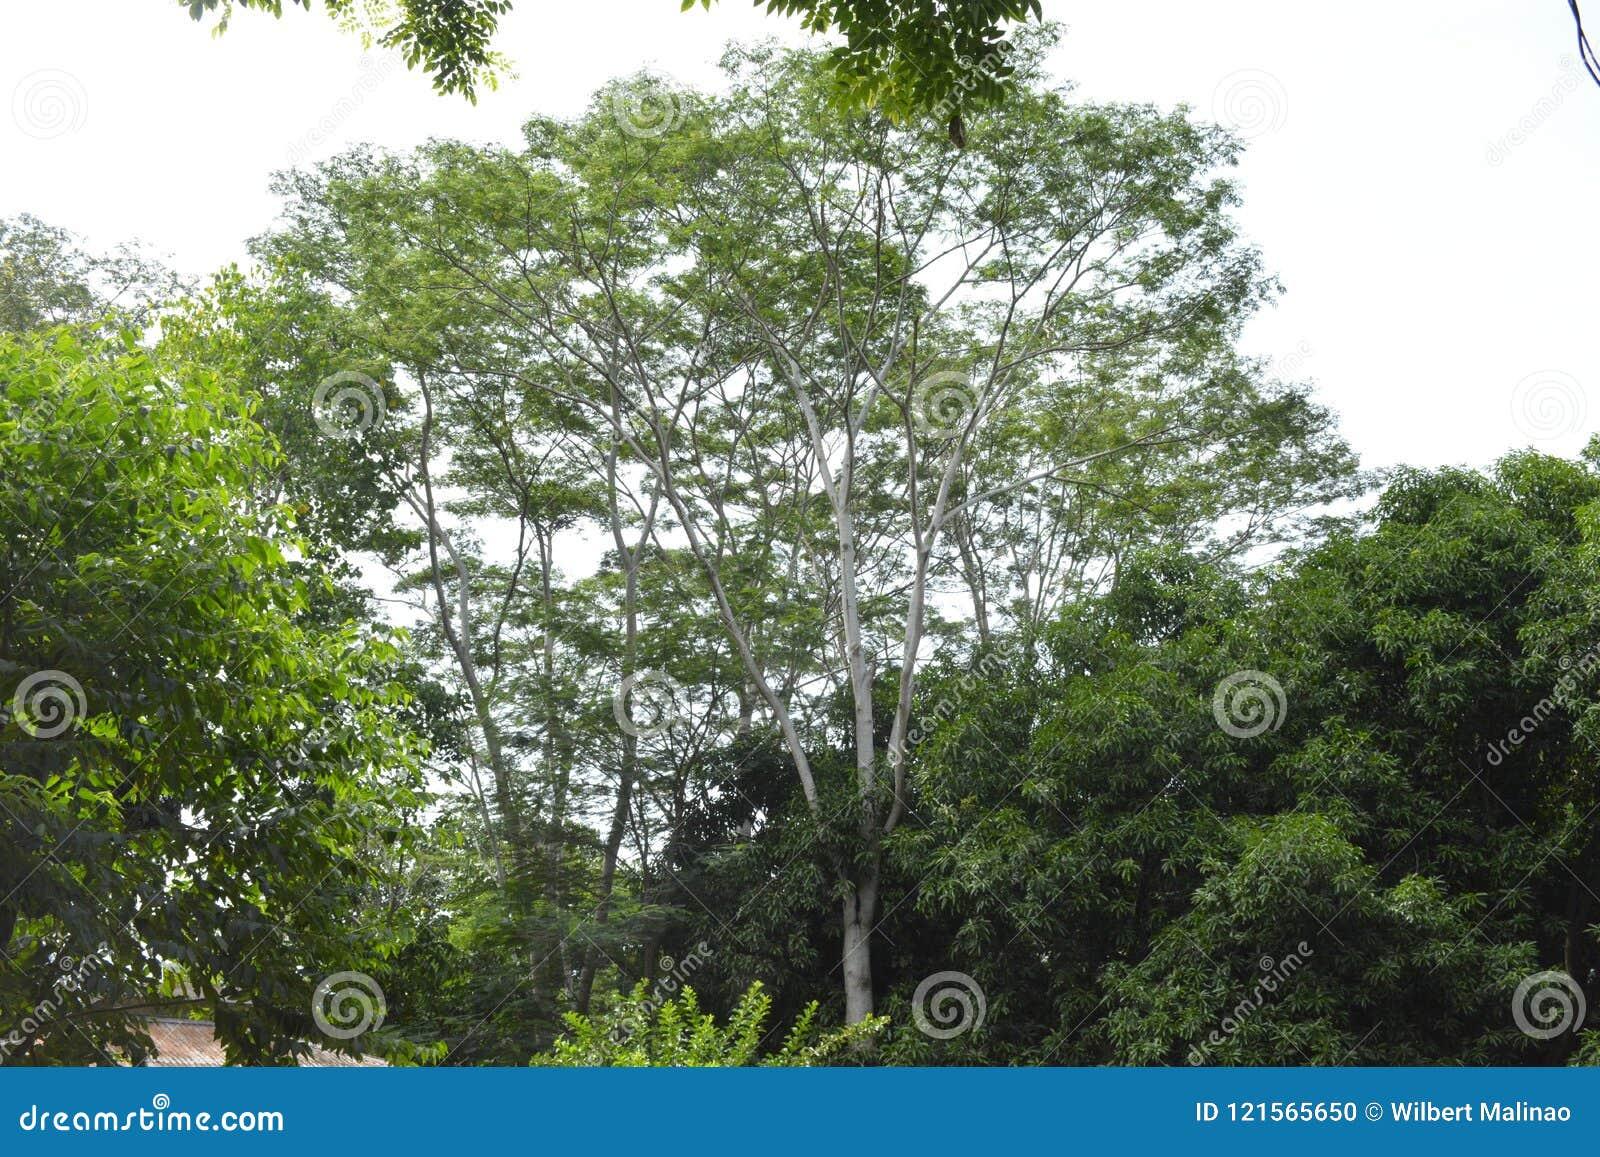 Wysocy drzewa reprezentują wielkie nadzieje